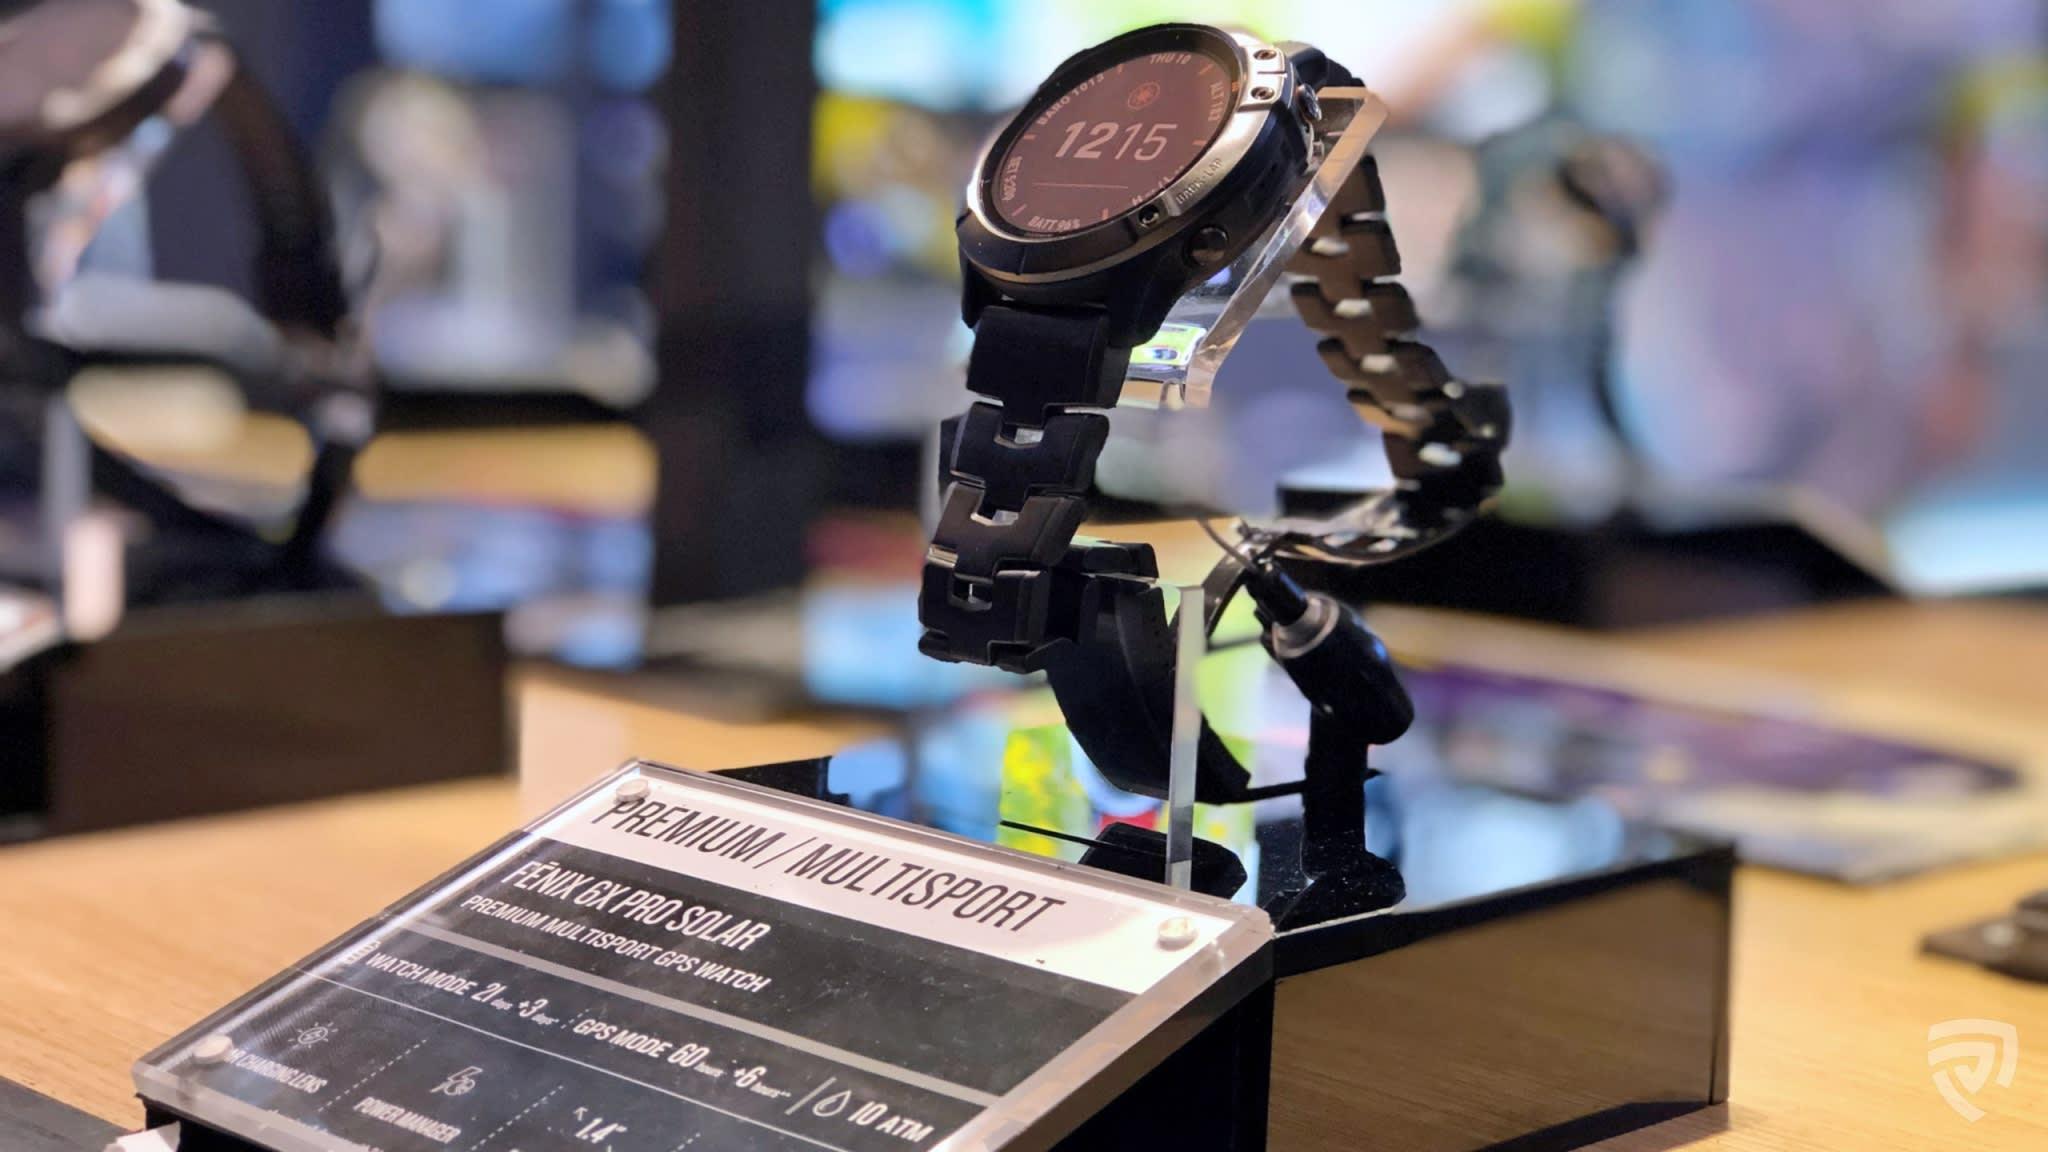 garmin-fenix-6x-pro-solar-smartwatch